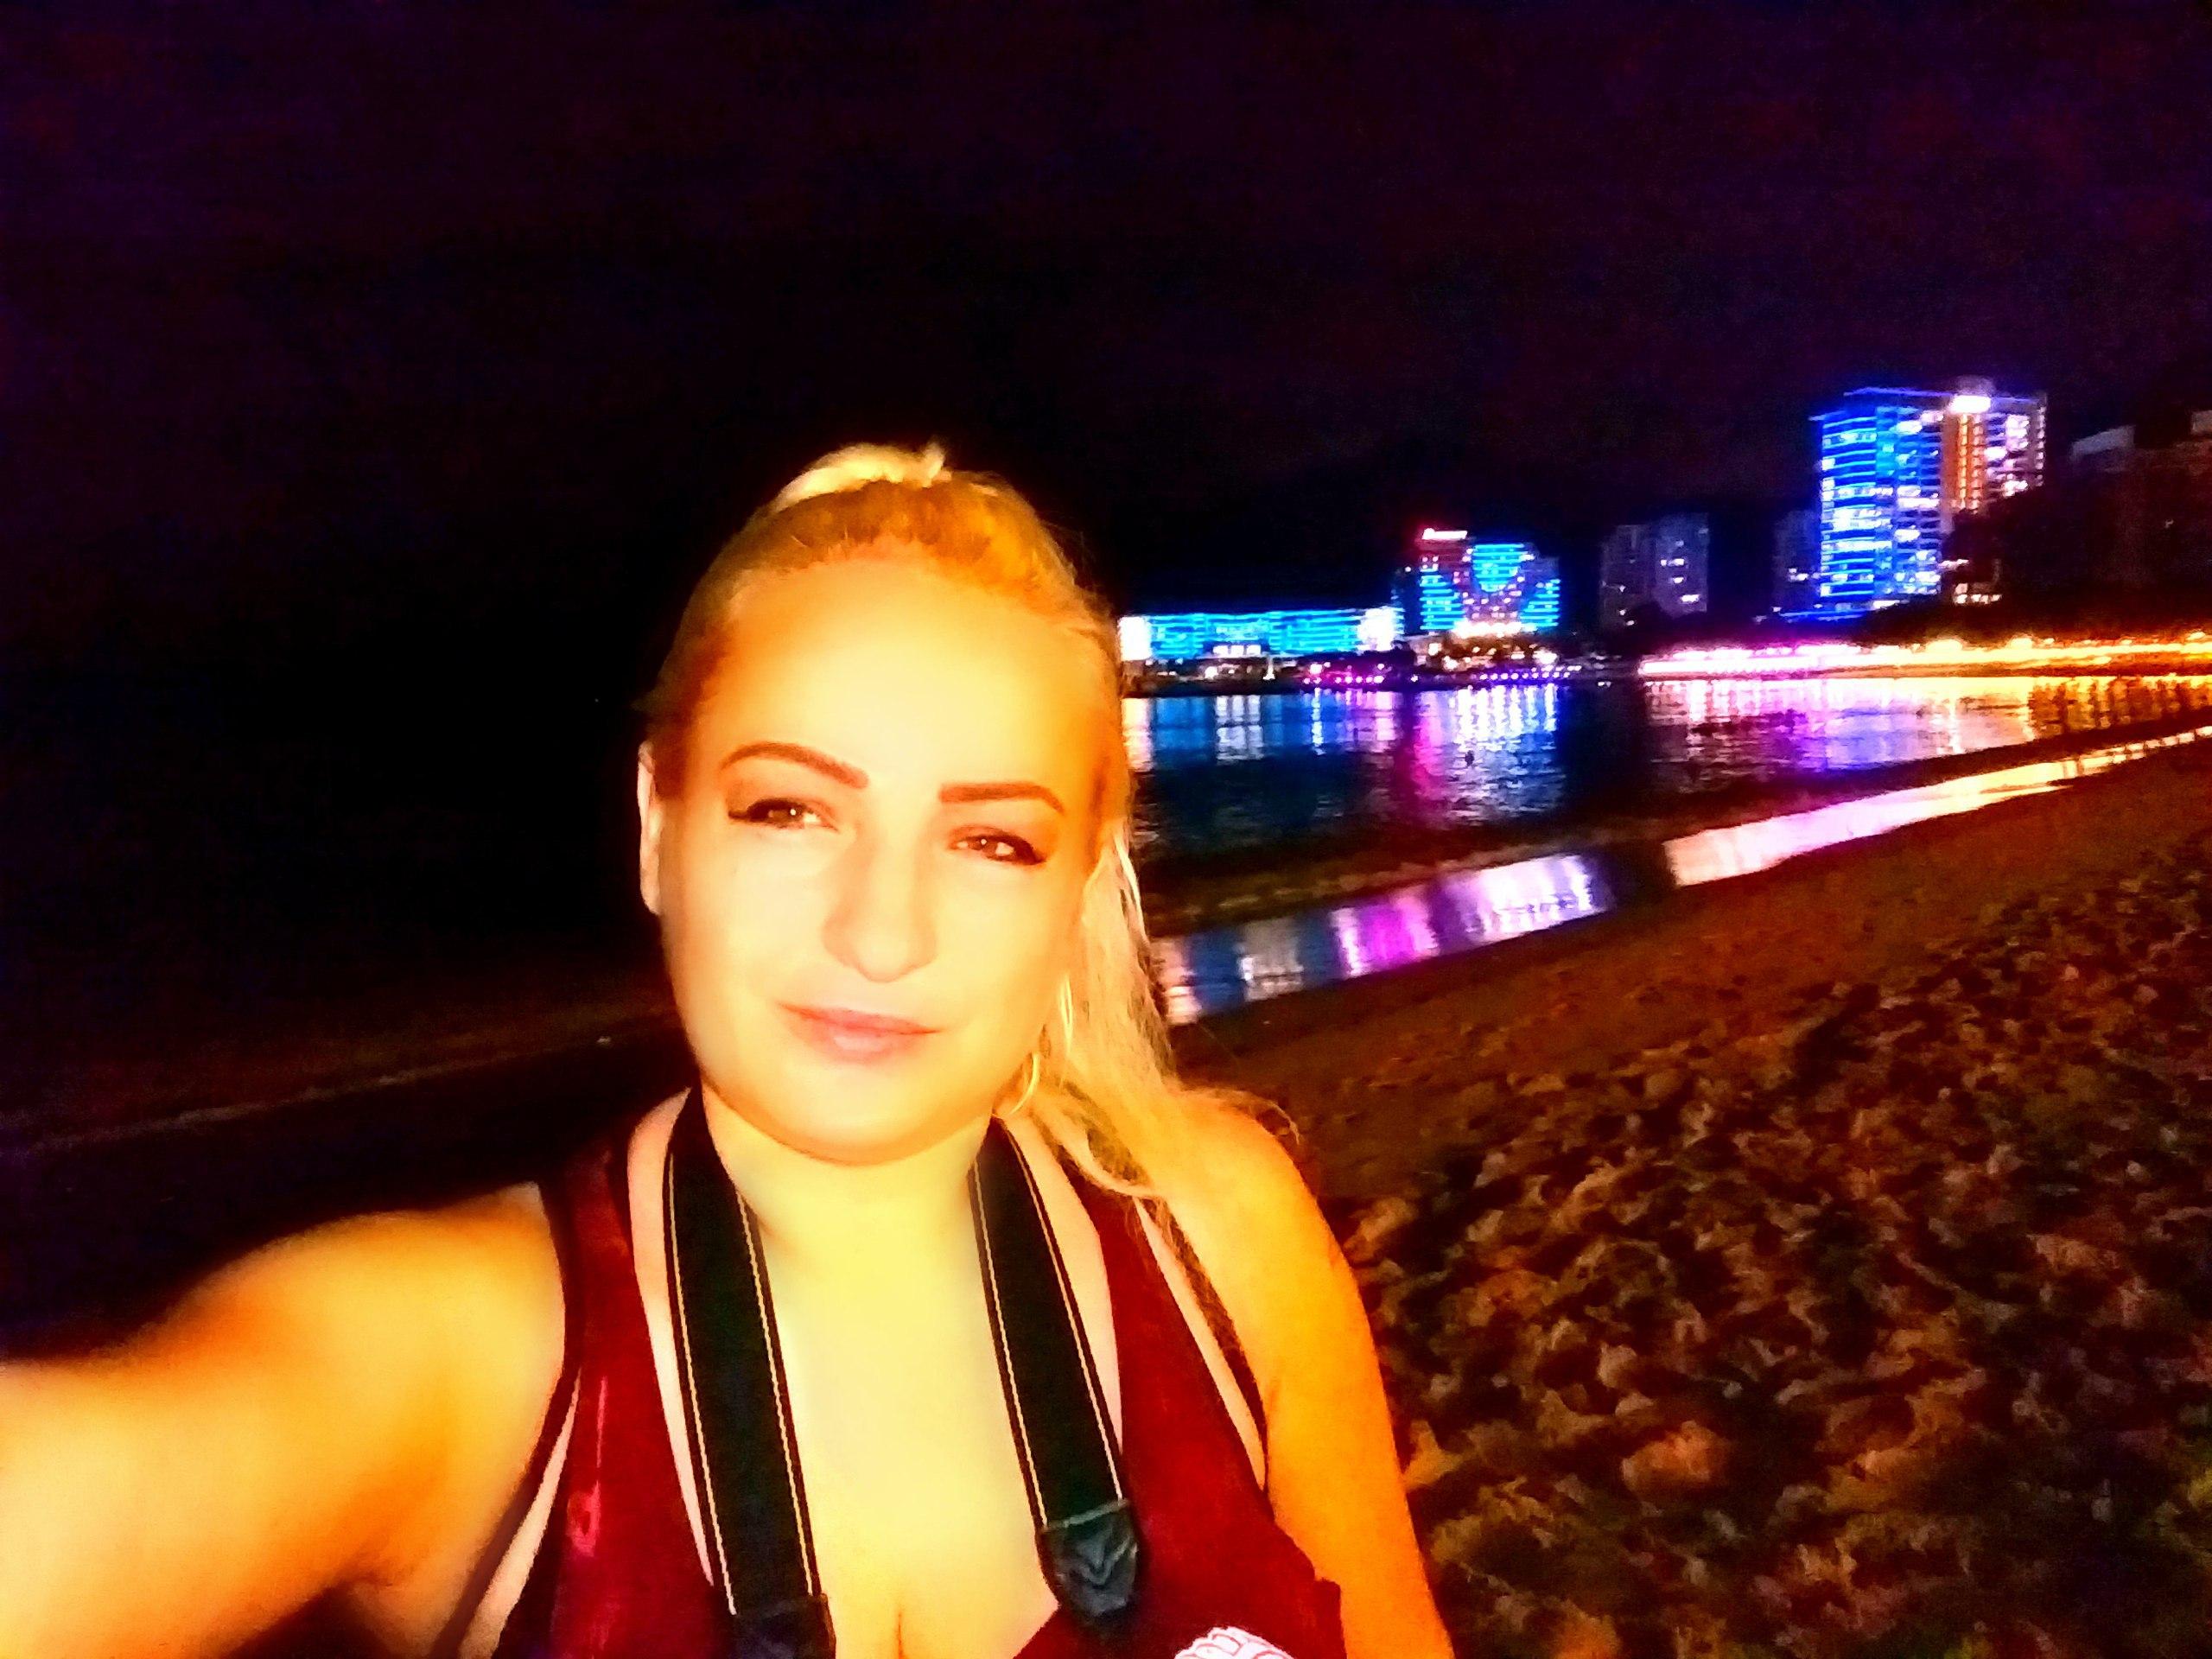 кафе - Елена Руденко (Валтея). Китай, о.Хайнань, г.Санья. Мои впечатления. отзывы,  фото и видео.  XgaotQeSxxg